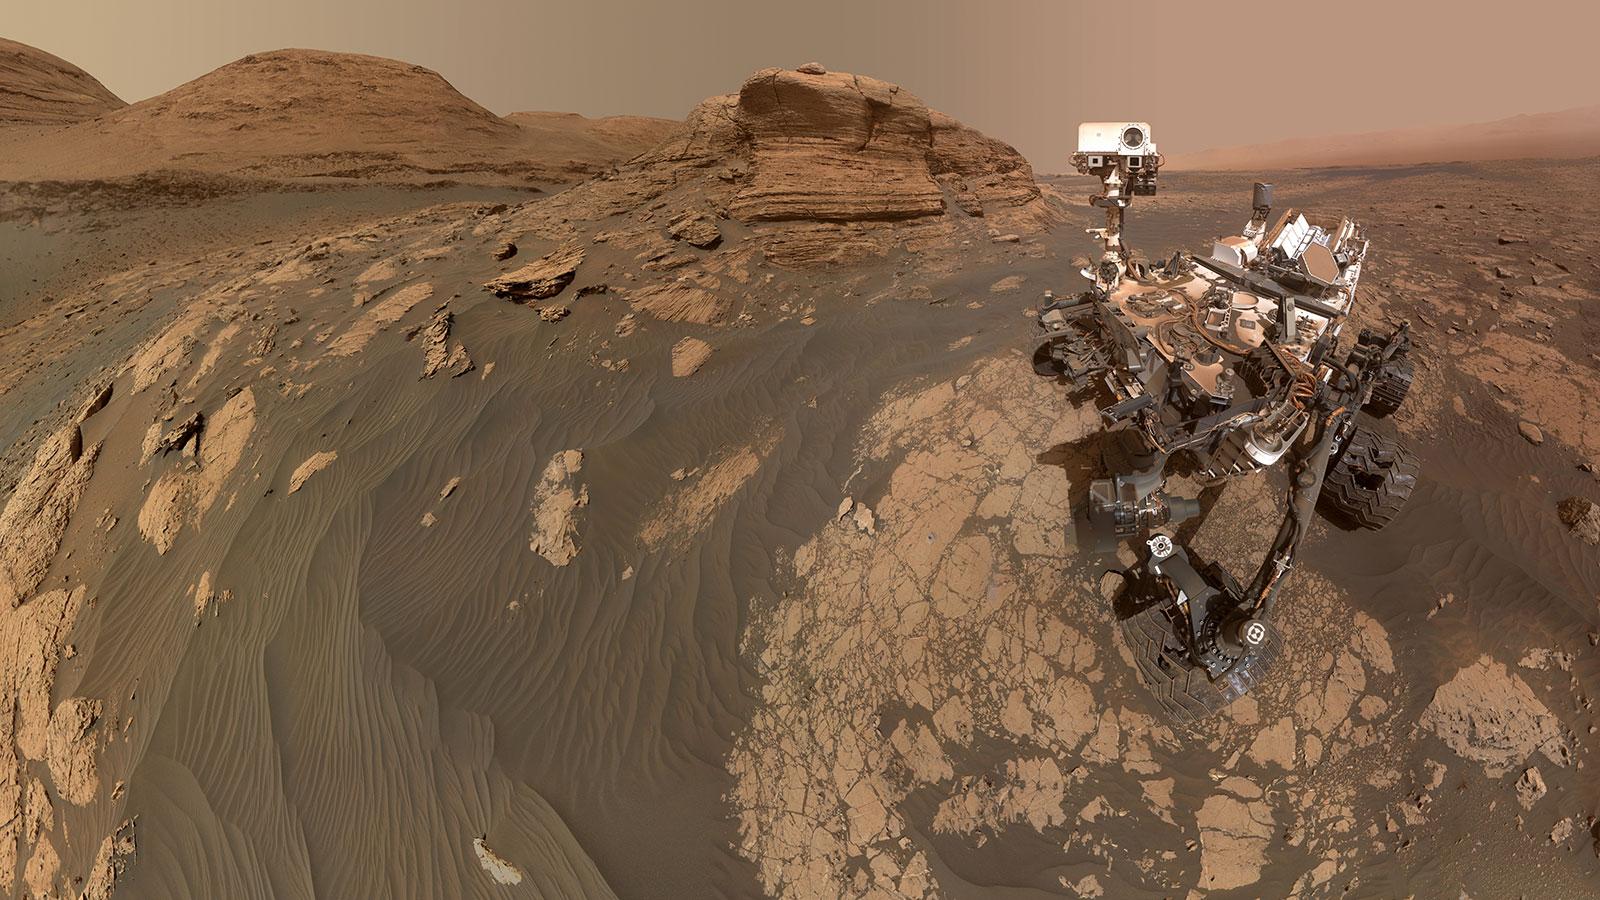 NASA's Curiosity rover on Mars